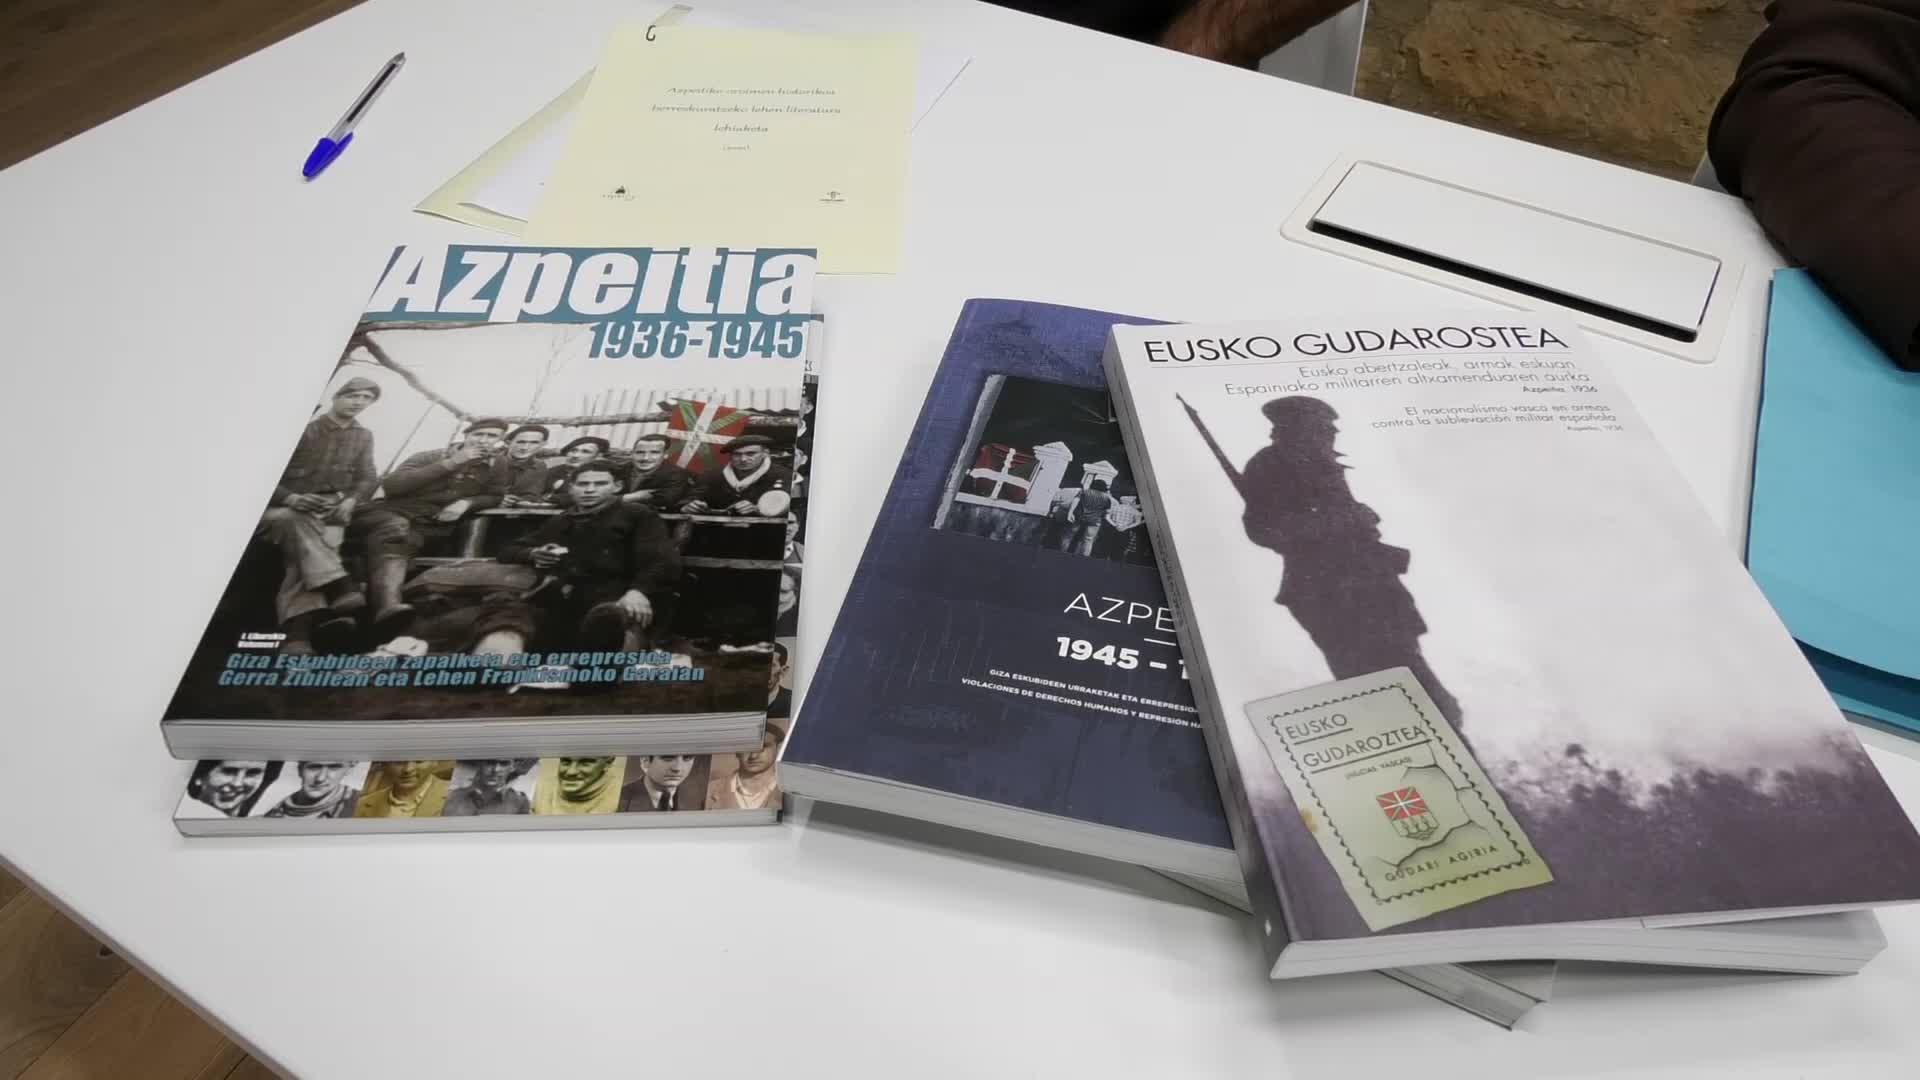 Martxan da Azpeitiko oroimen historikoa berreskuratzeko lehen literatura lehiaketa